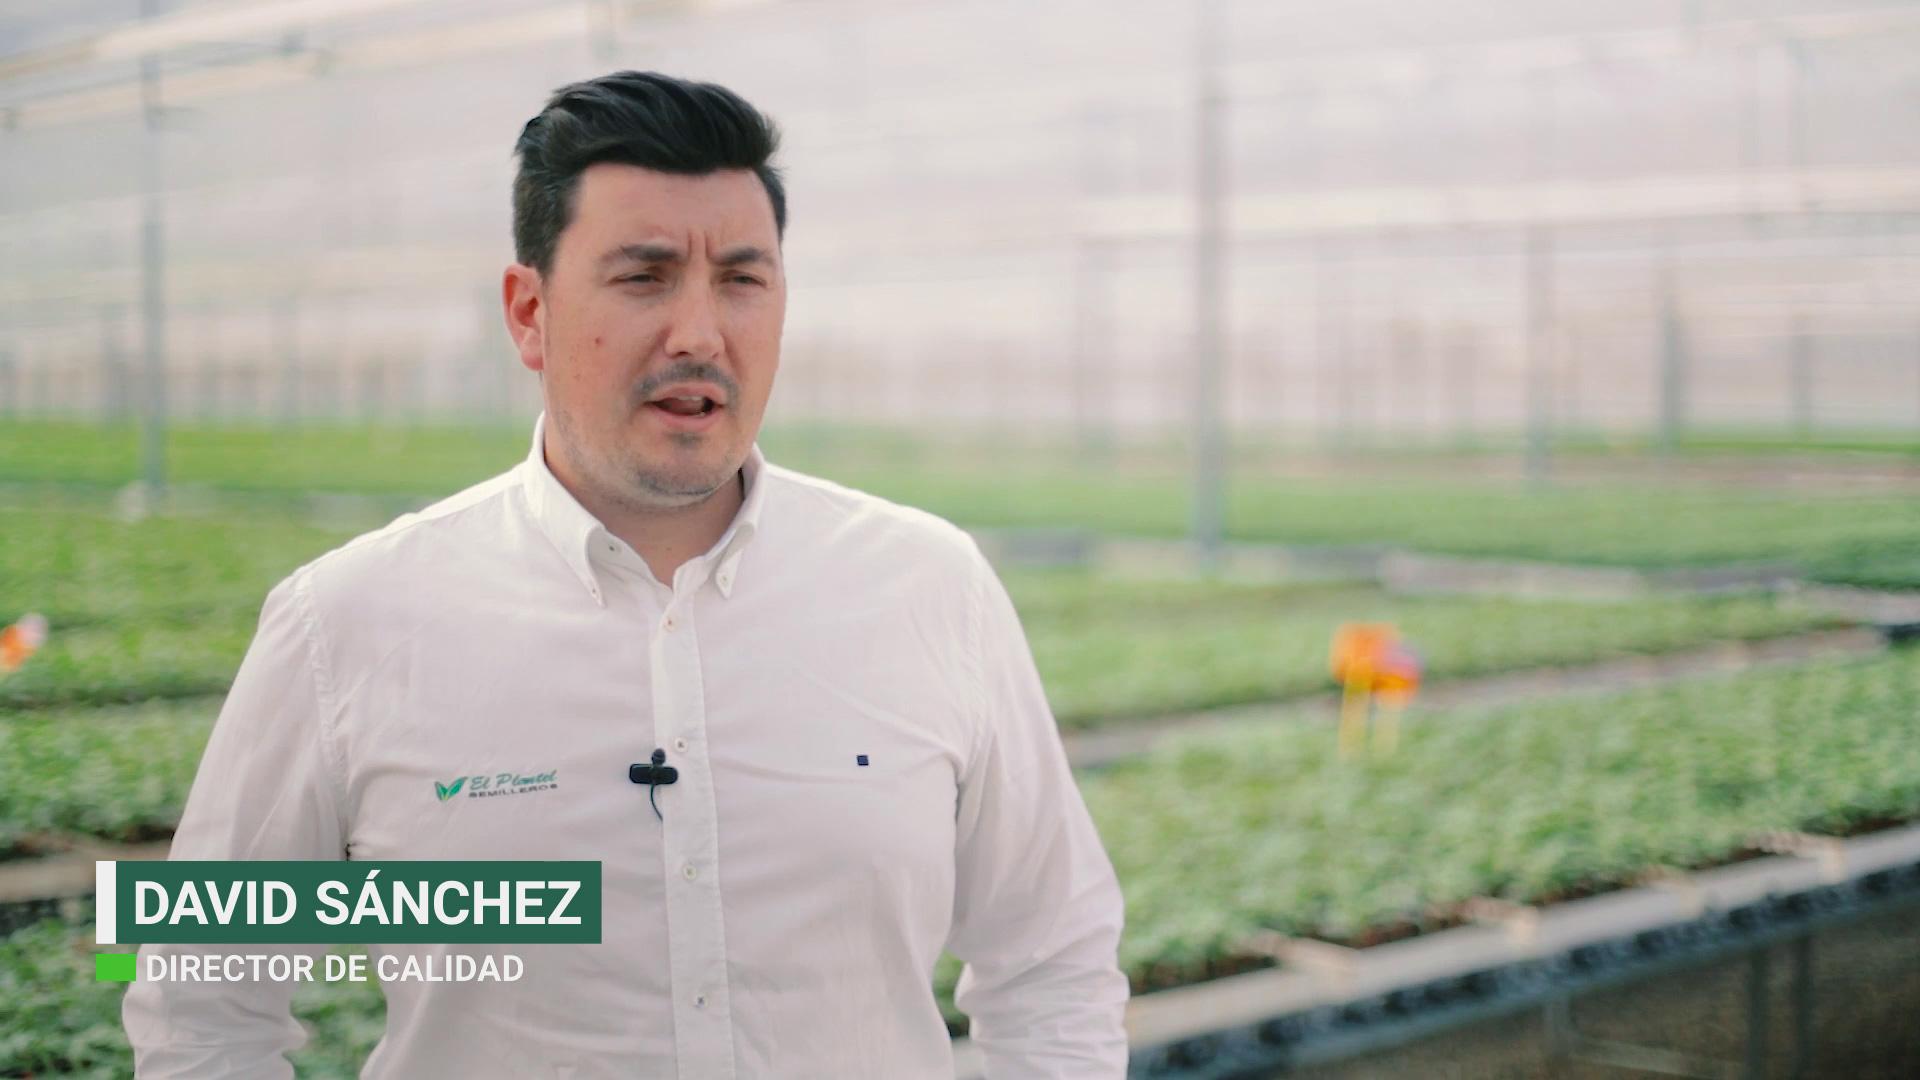 David Sánchez de El Plantel Semilleros